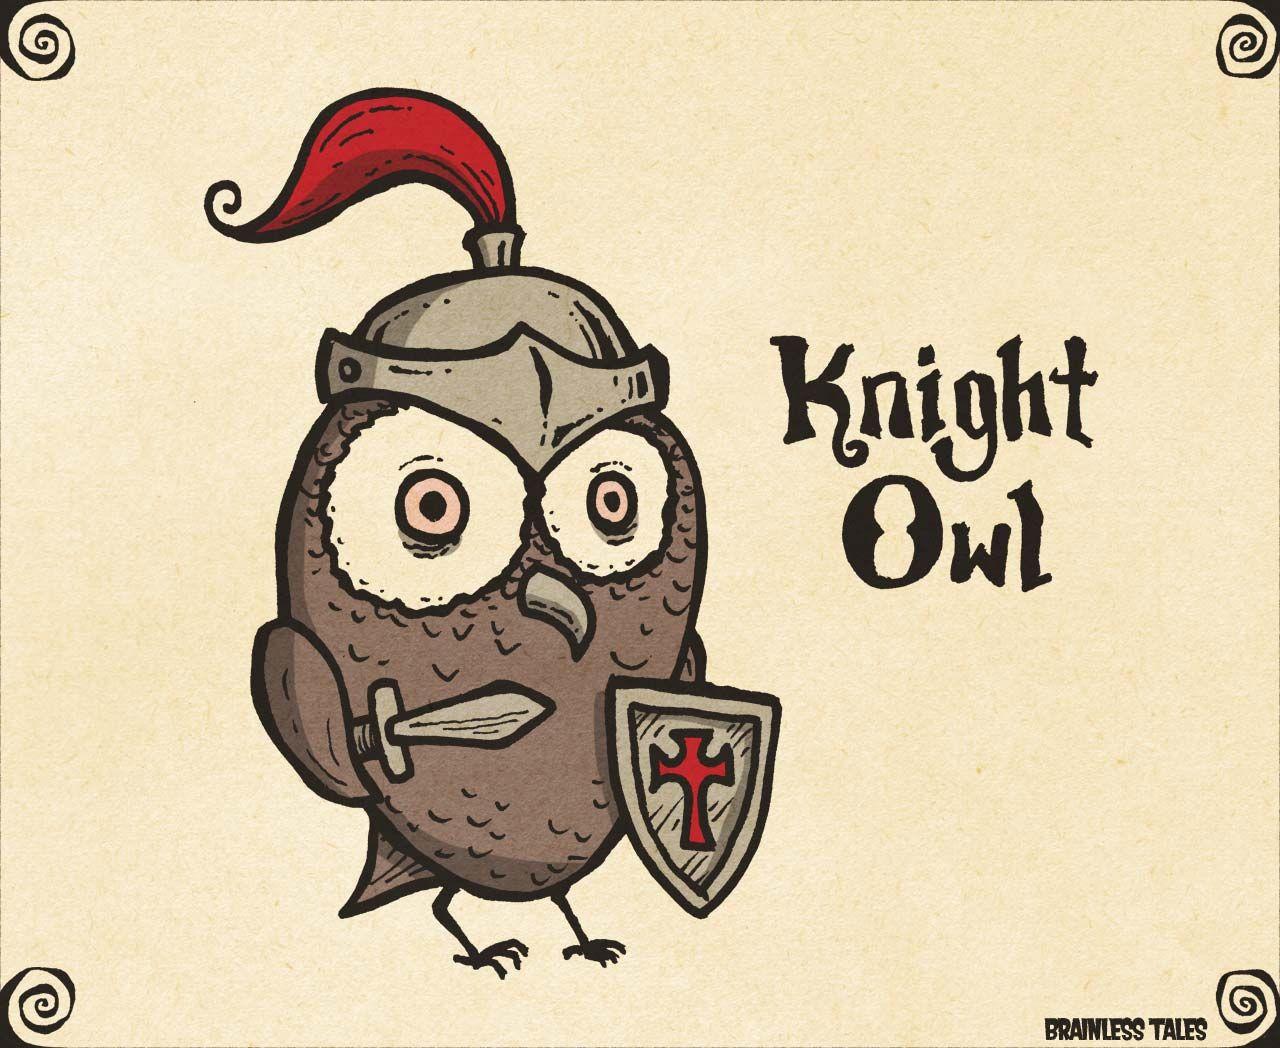 Knight Owl Puns Humor Best Lol Jokes Punspunspunspuns Puns